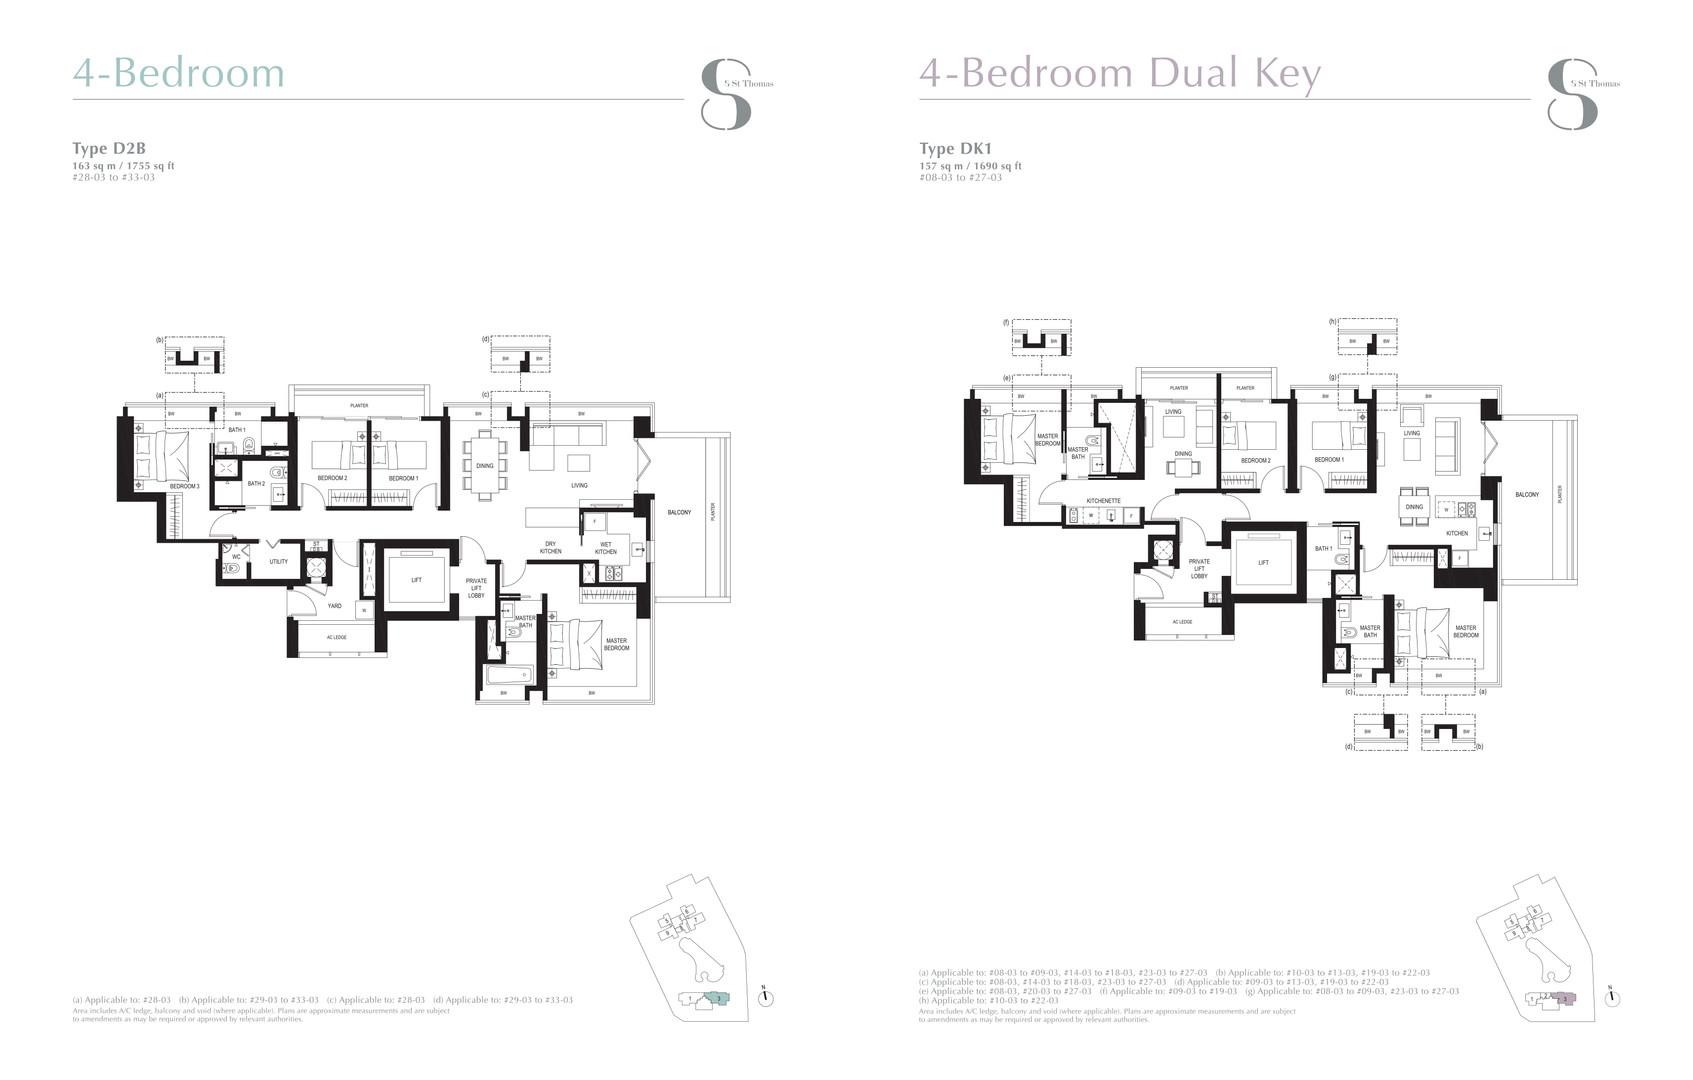 4-Bedroom-Dual-Key.jpg